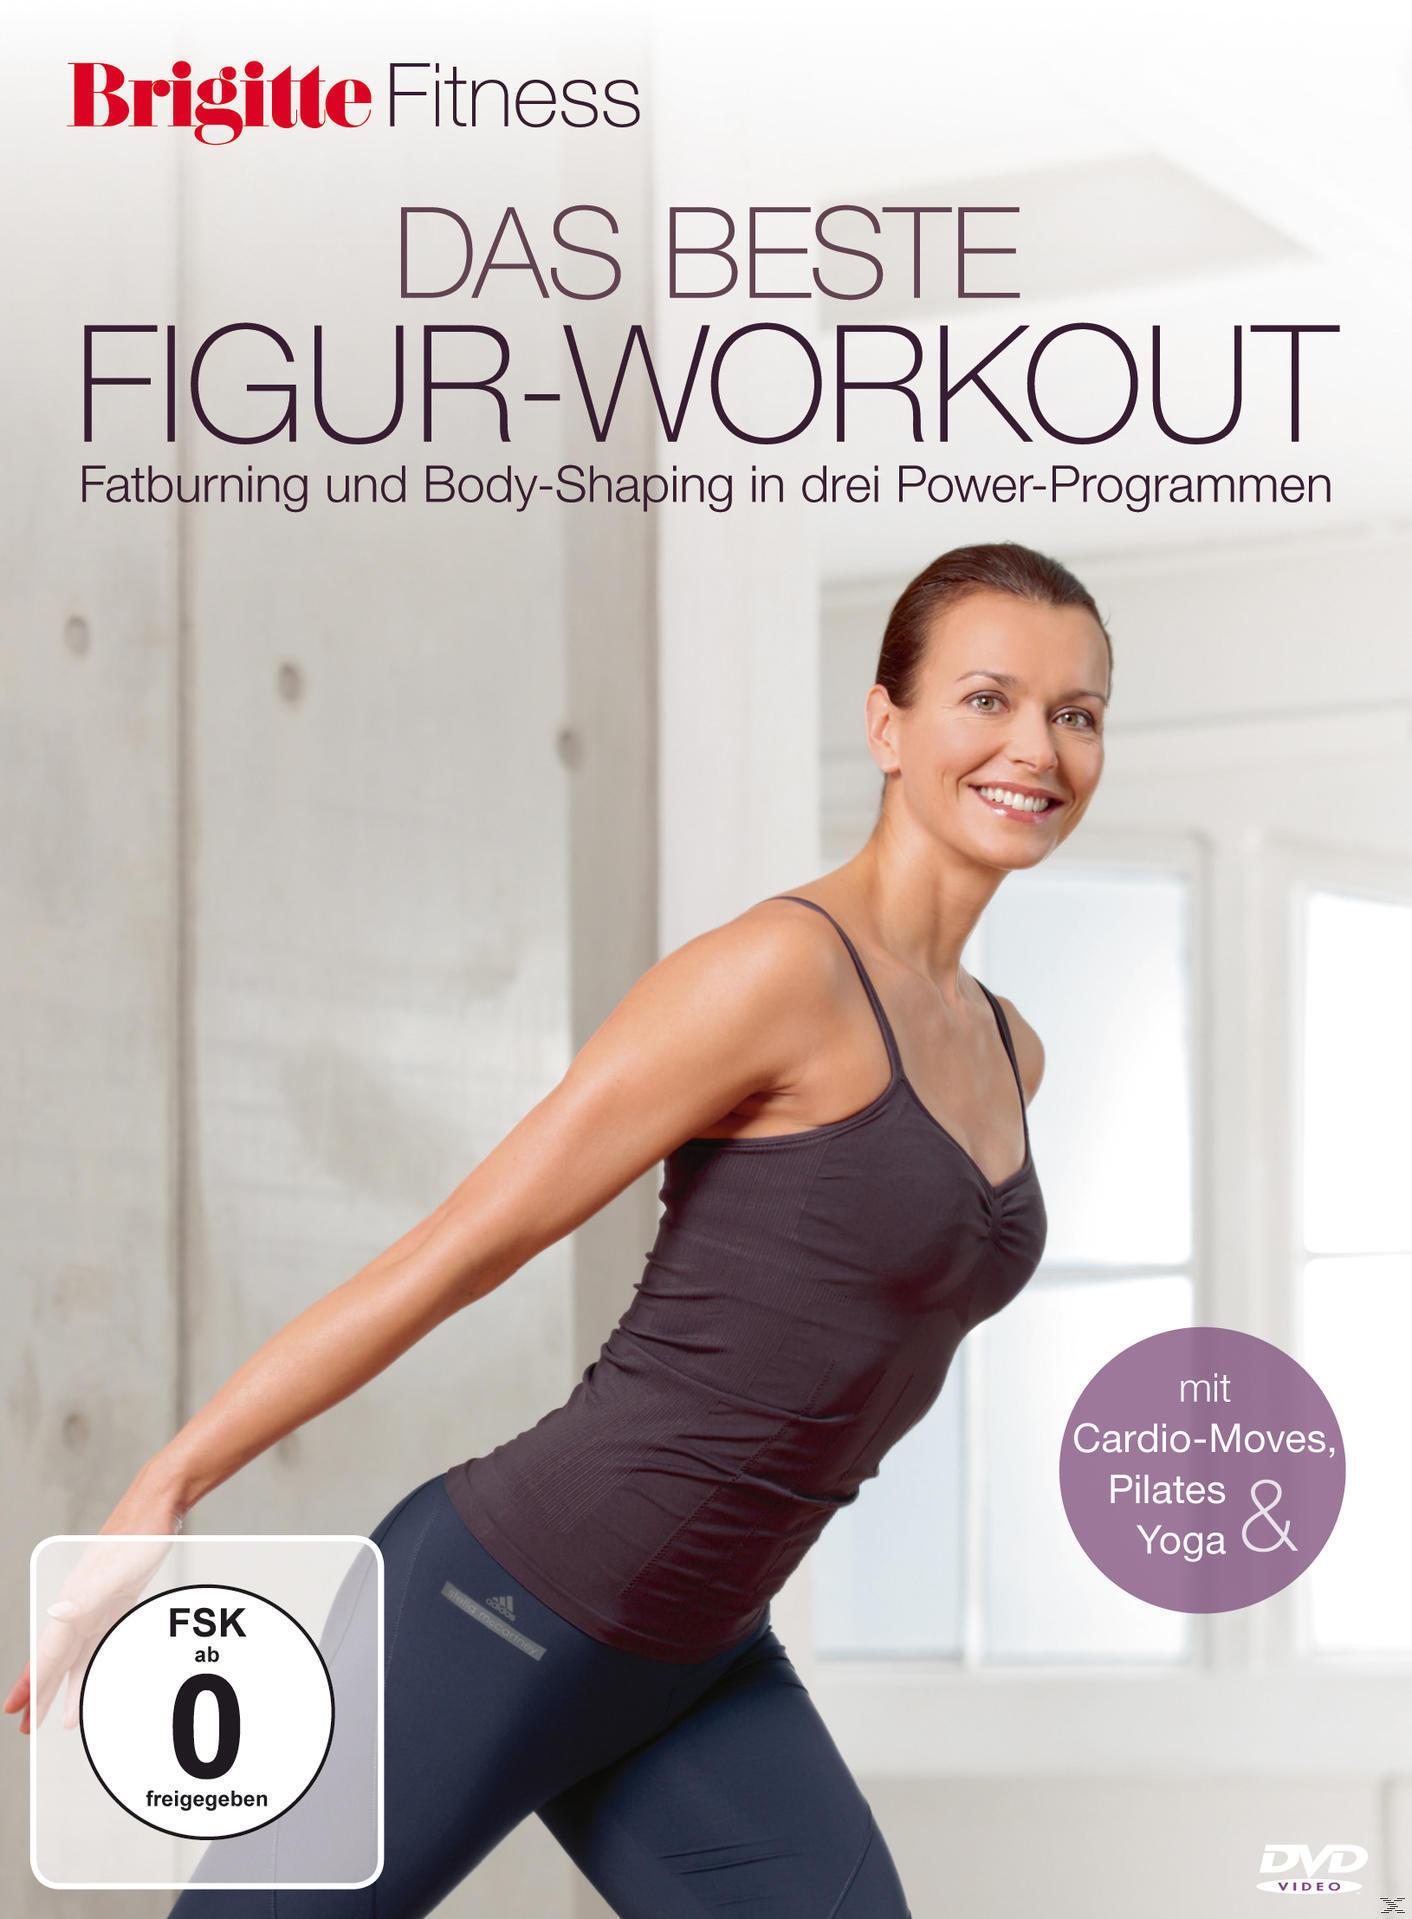 Brigitte - das beste Figur-Workout - Fatburning und Body-Shaping in drei Power-Programmen (DVD) für 16,99 Euro